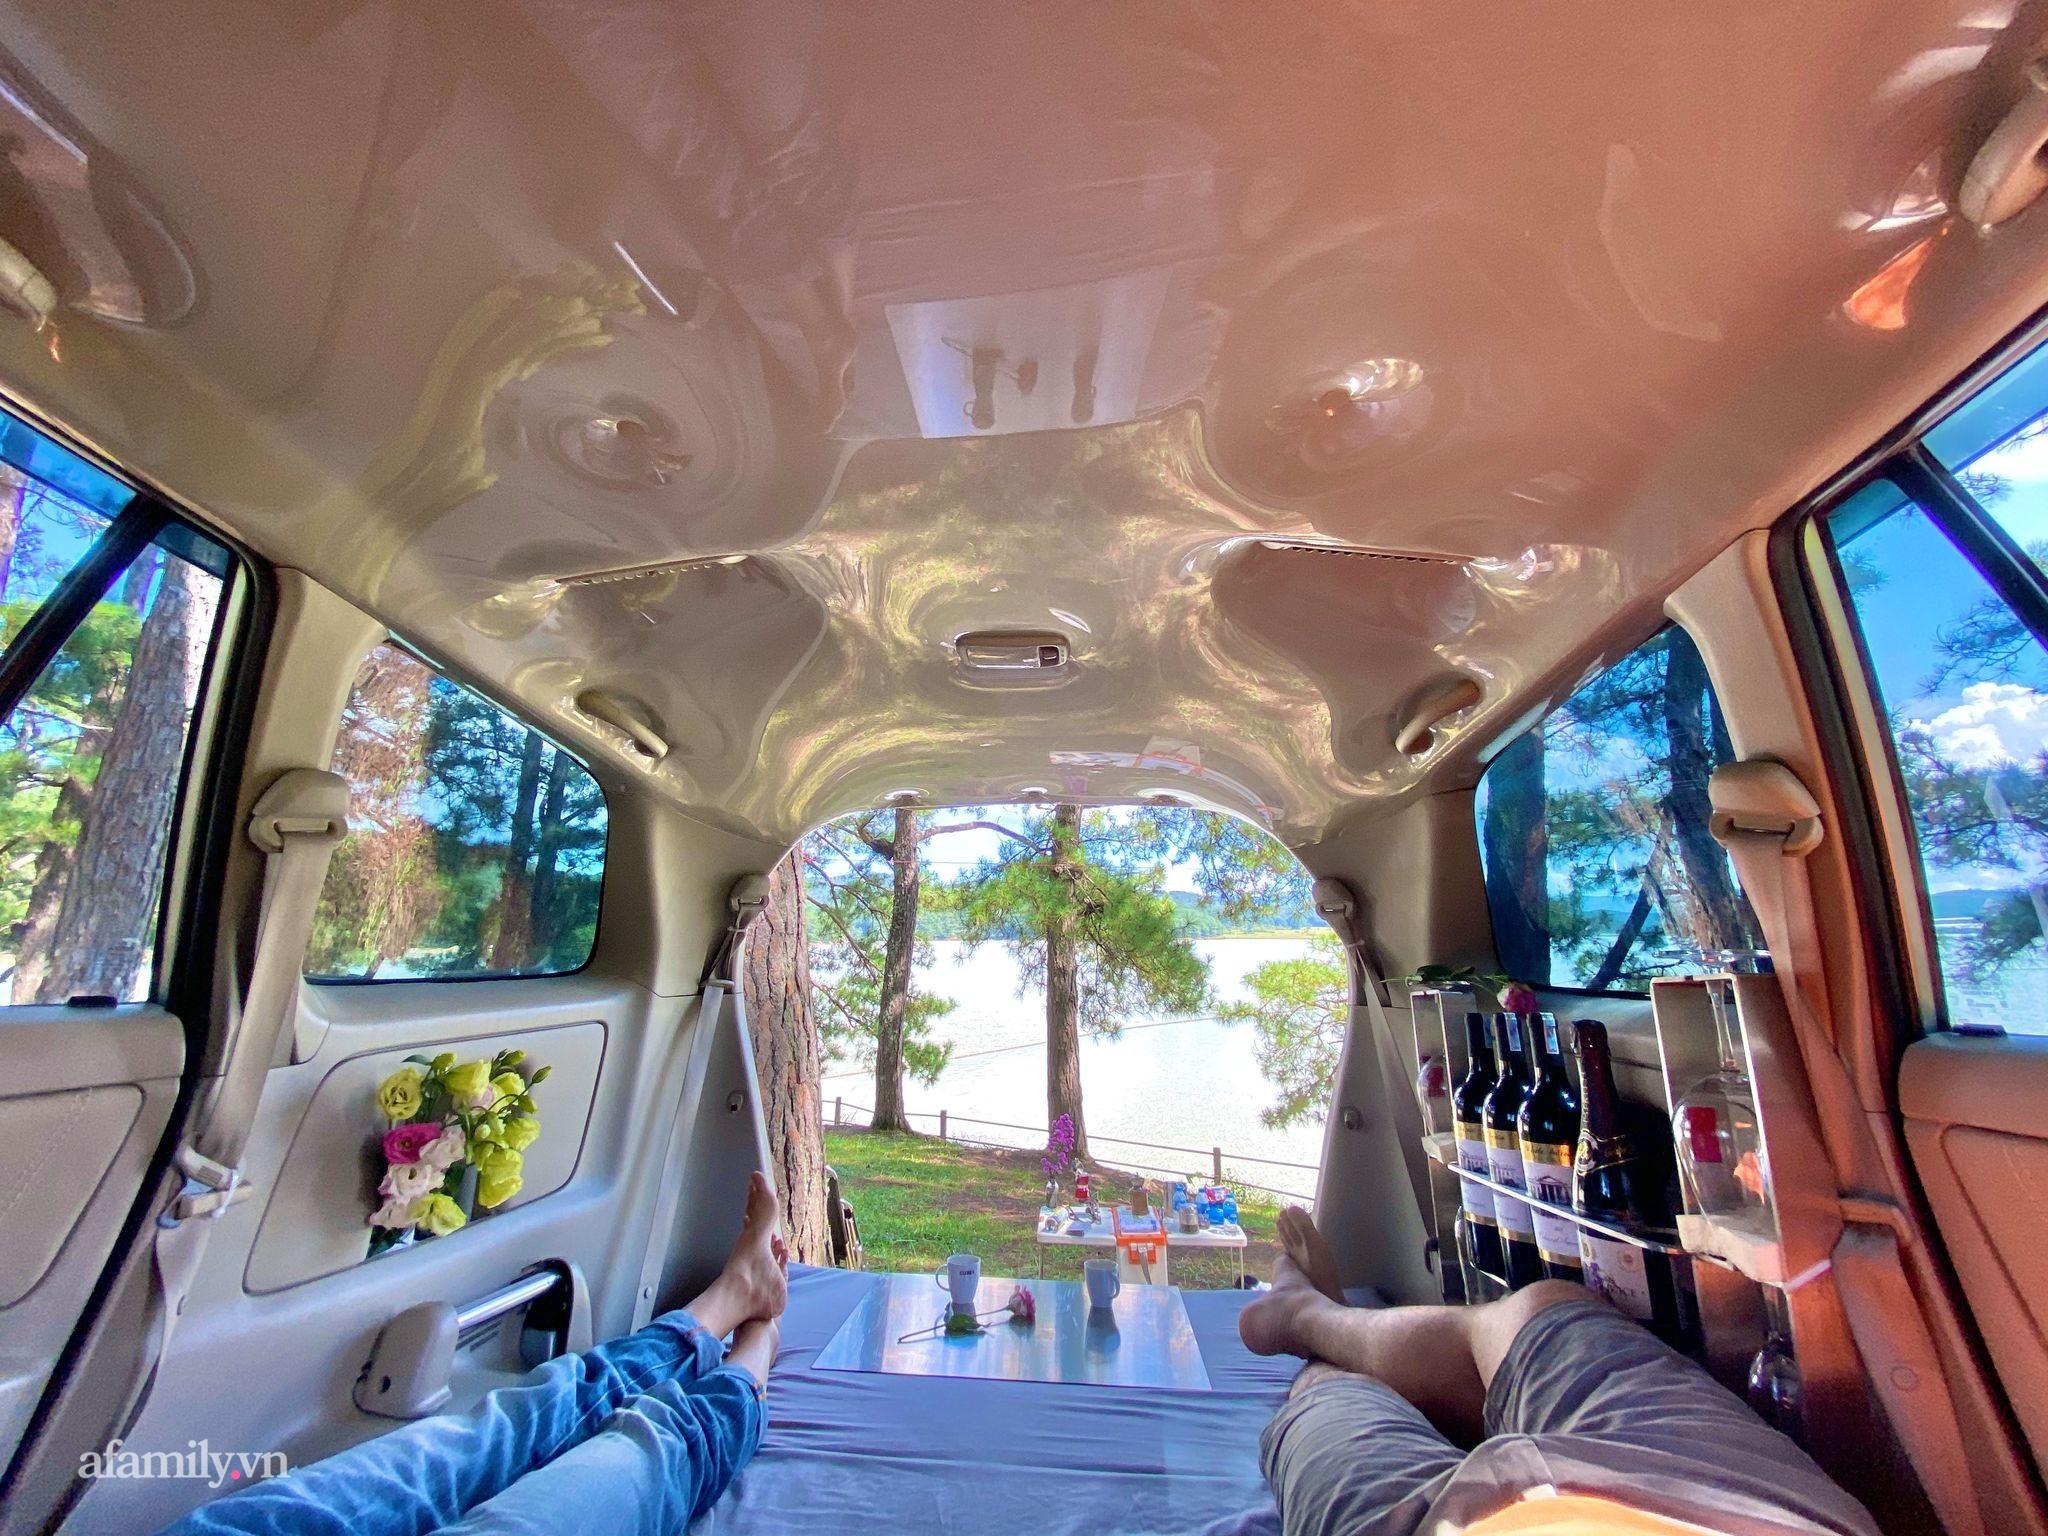 Cặp vợ chồng biến ô tô thành lều trại đi camping khắp nơi, tiện đâu ngủ đó mà sang trọng không thua khách sạn - Ảnh 4.